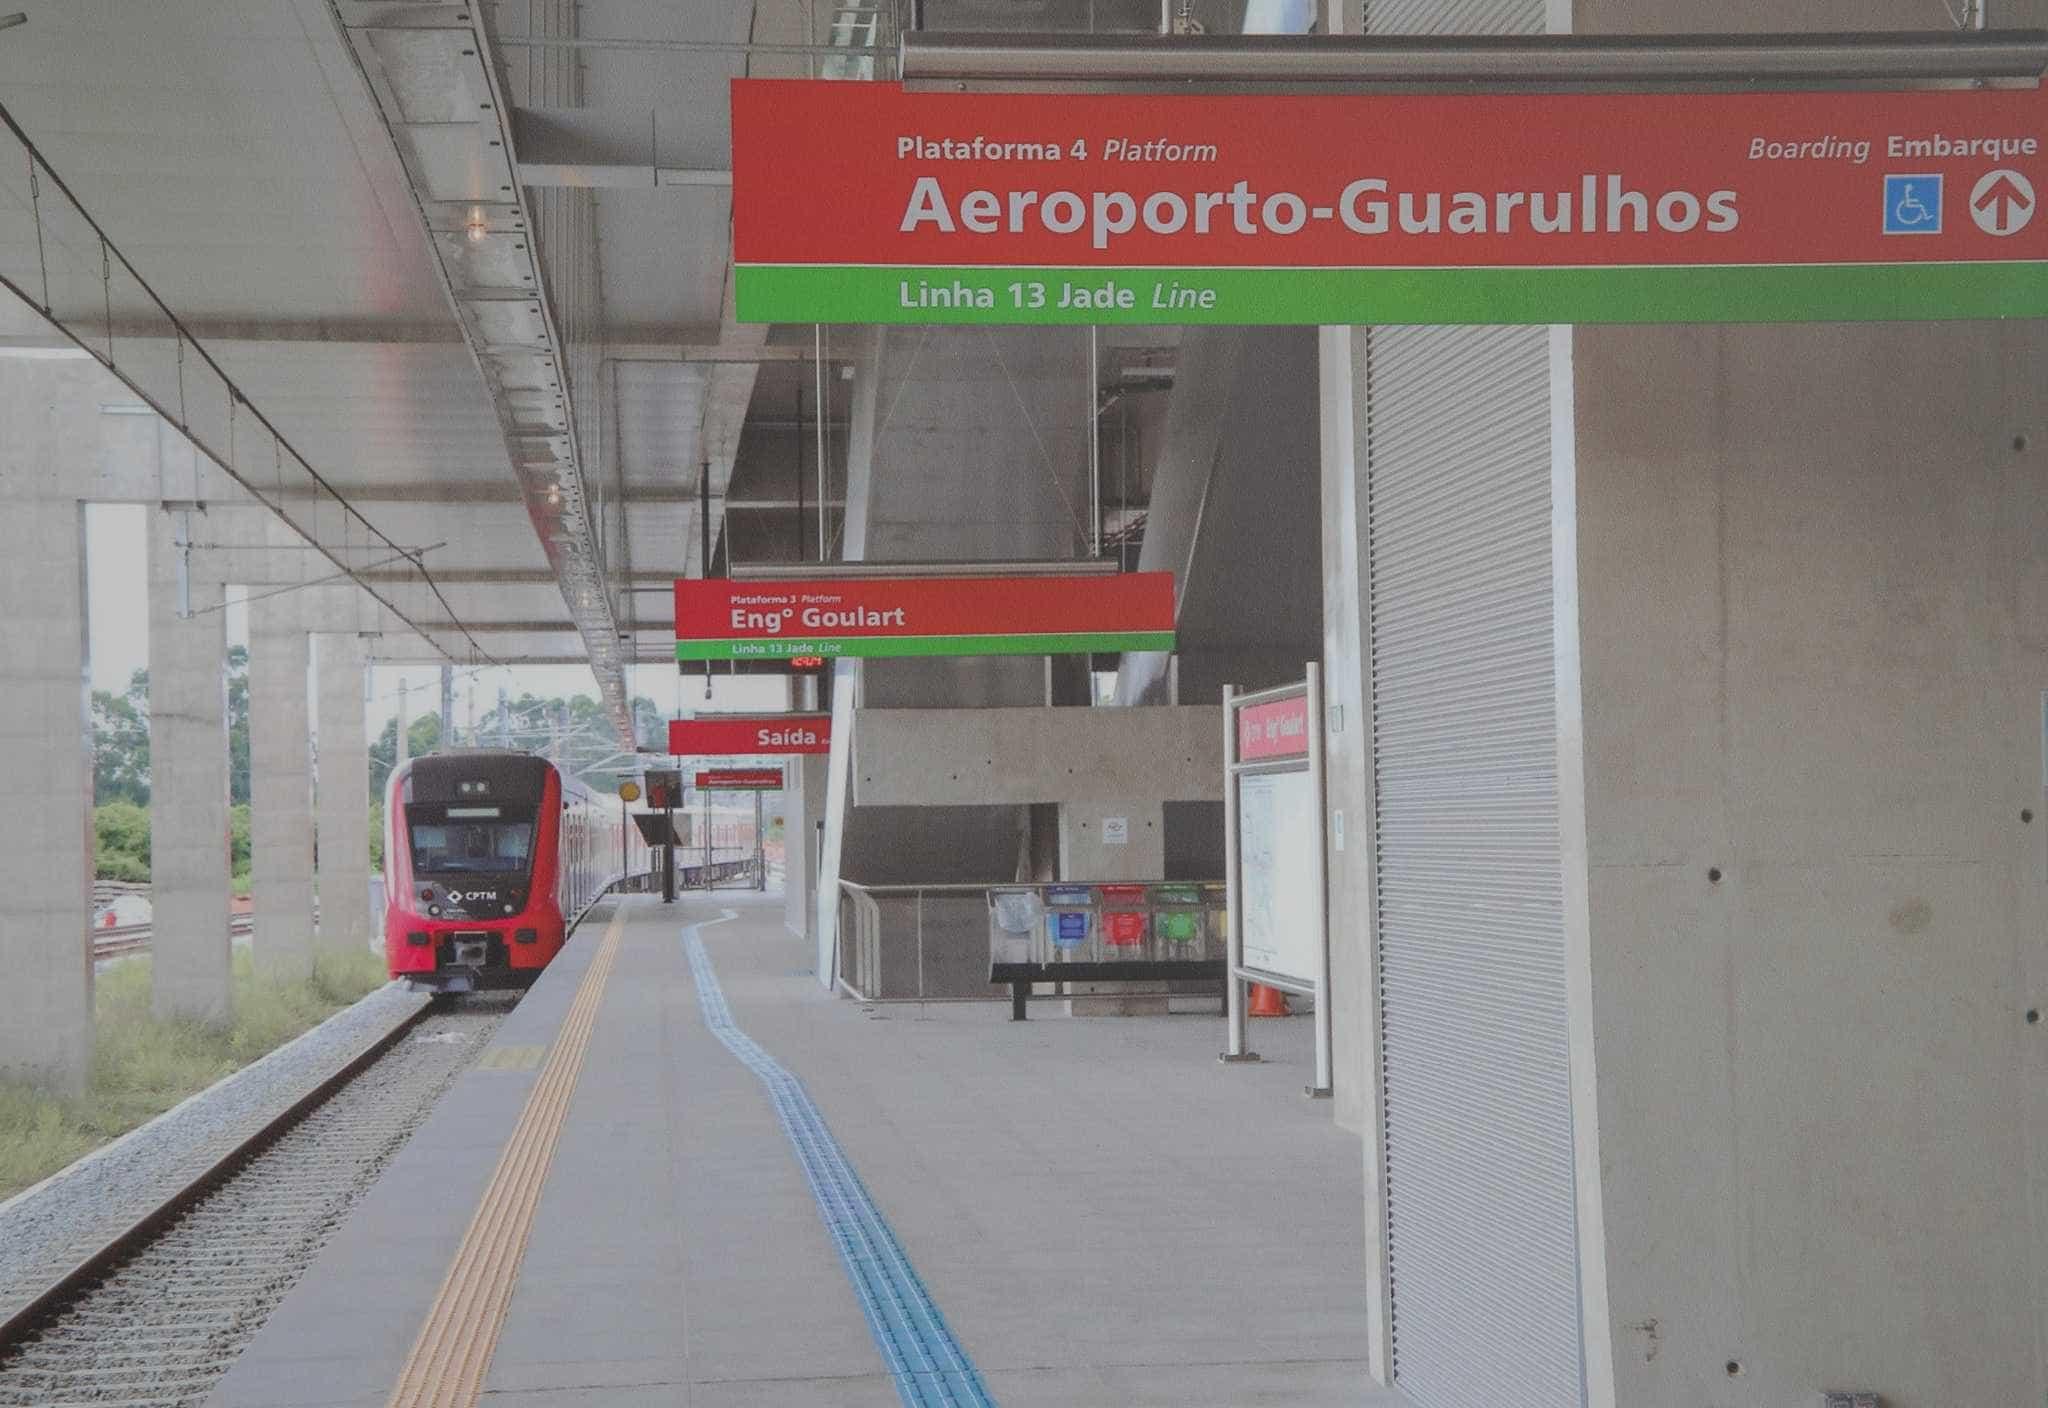 Trem direto para Aeroporto de Guarulhos começa a operar na 3ª